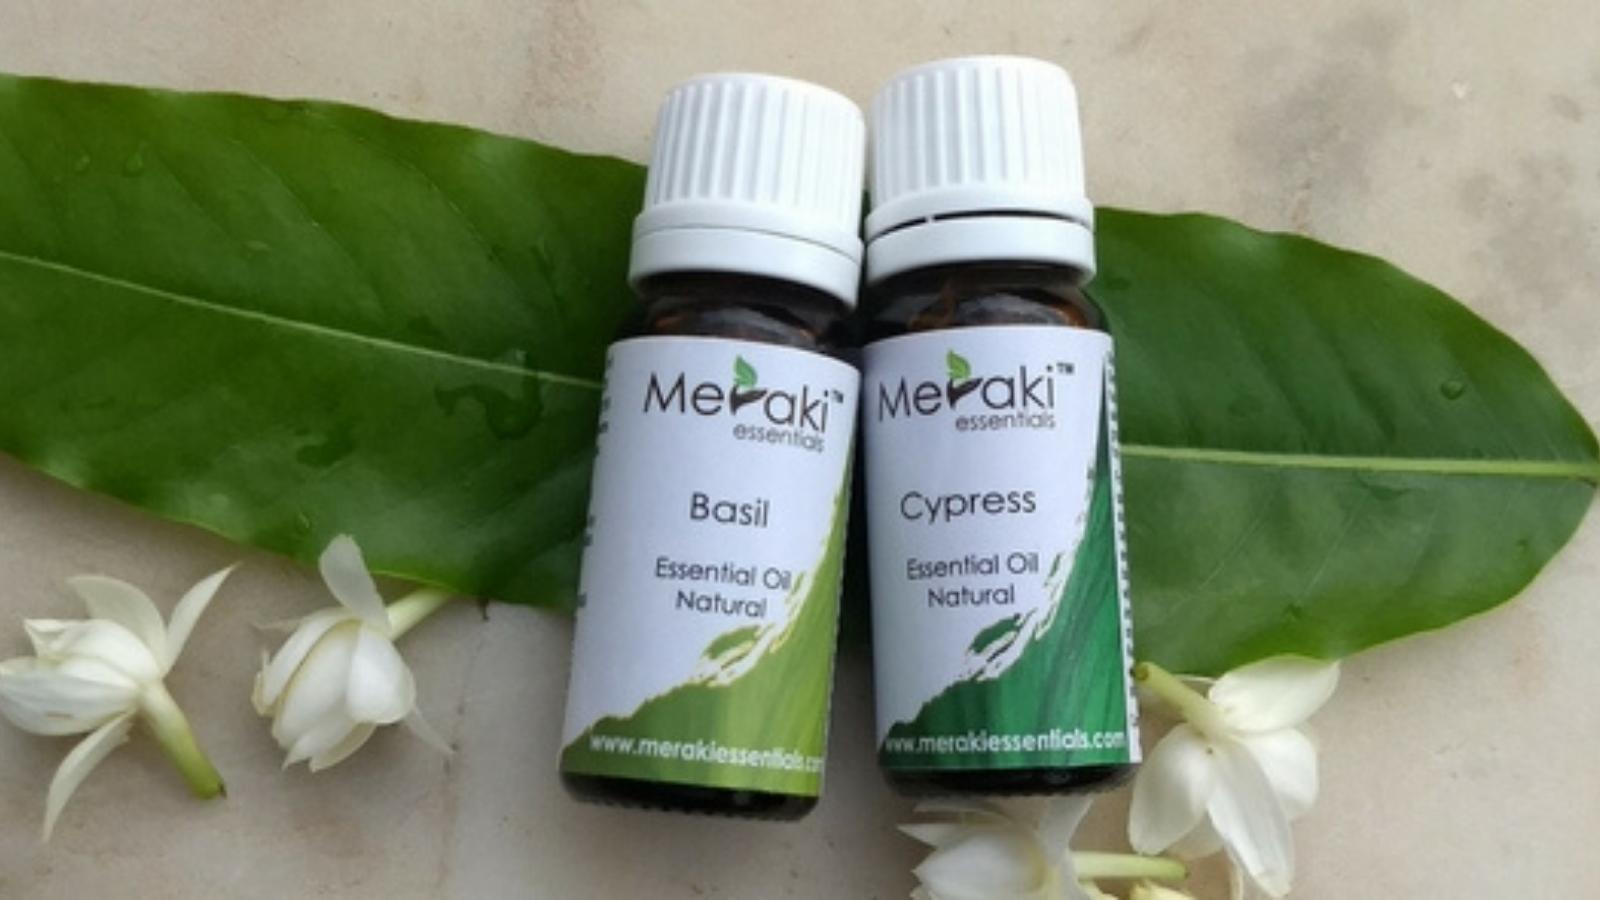 Meraki Essential Oils